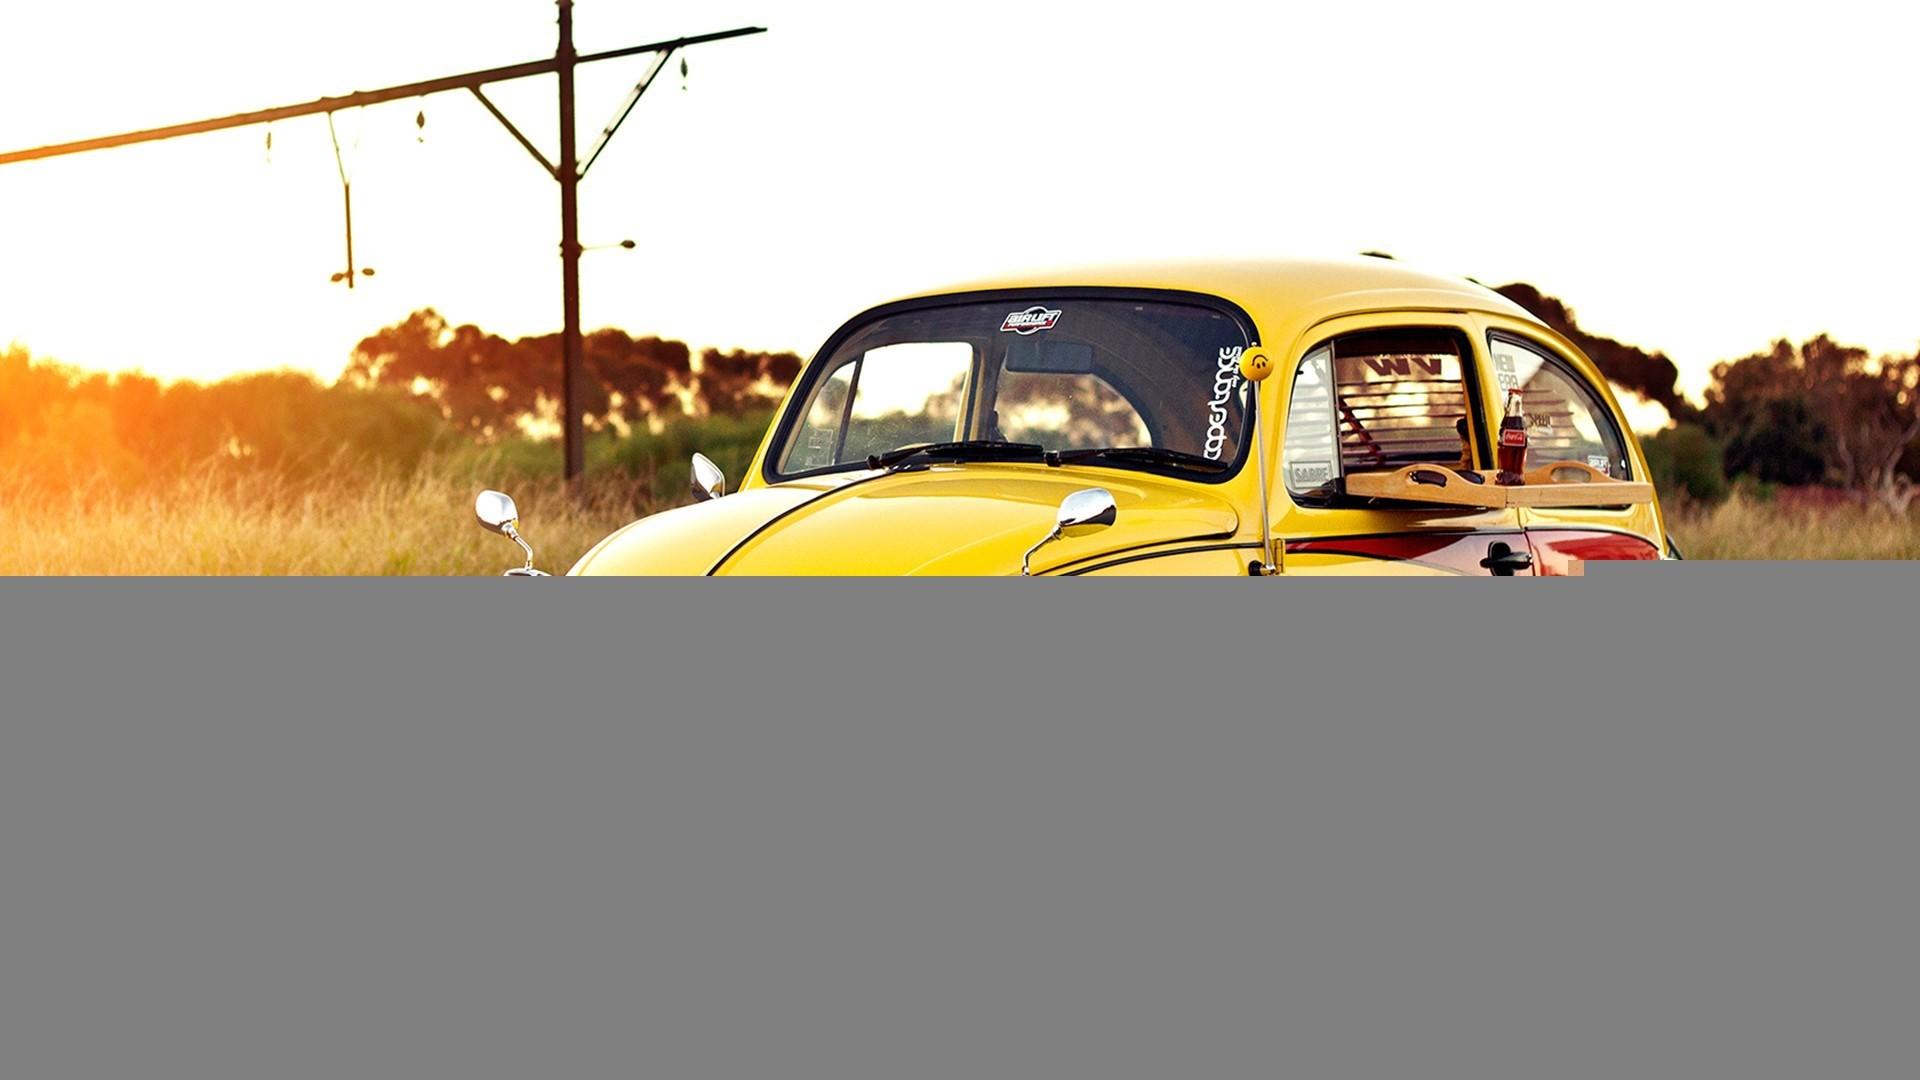 Res: 1920x1080, Car Wallpaper